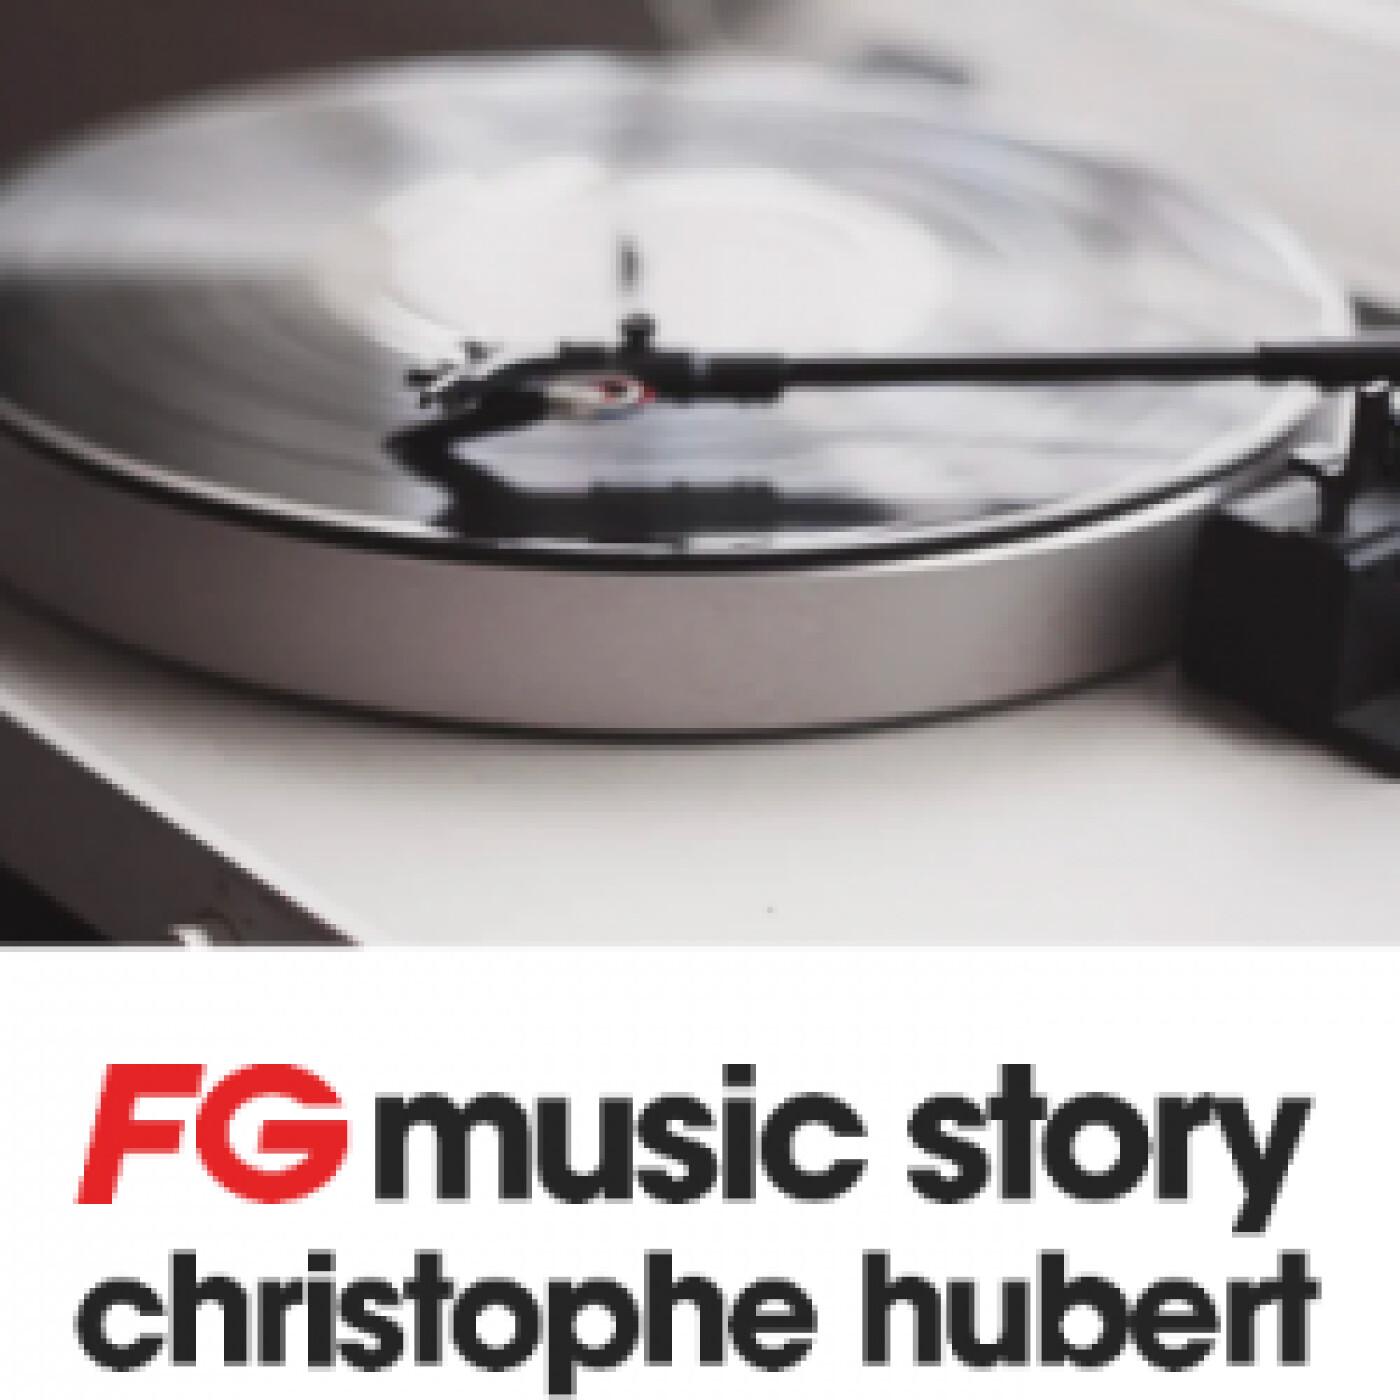 FG MUSIC STORY : LES 3 PILIERS DE LA HOUSE MUSIC